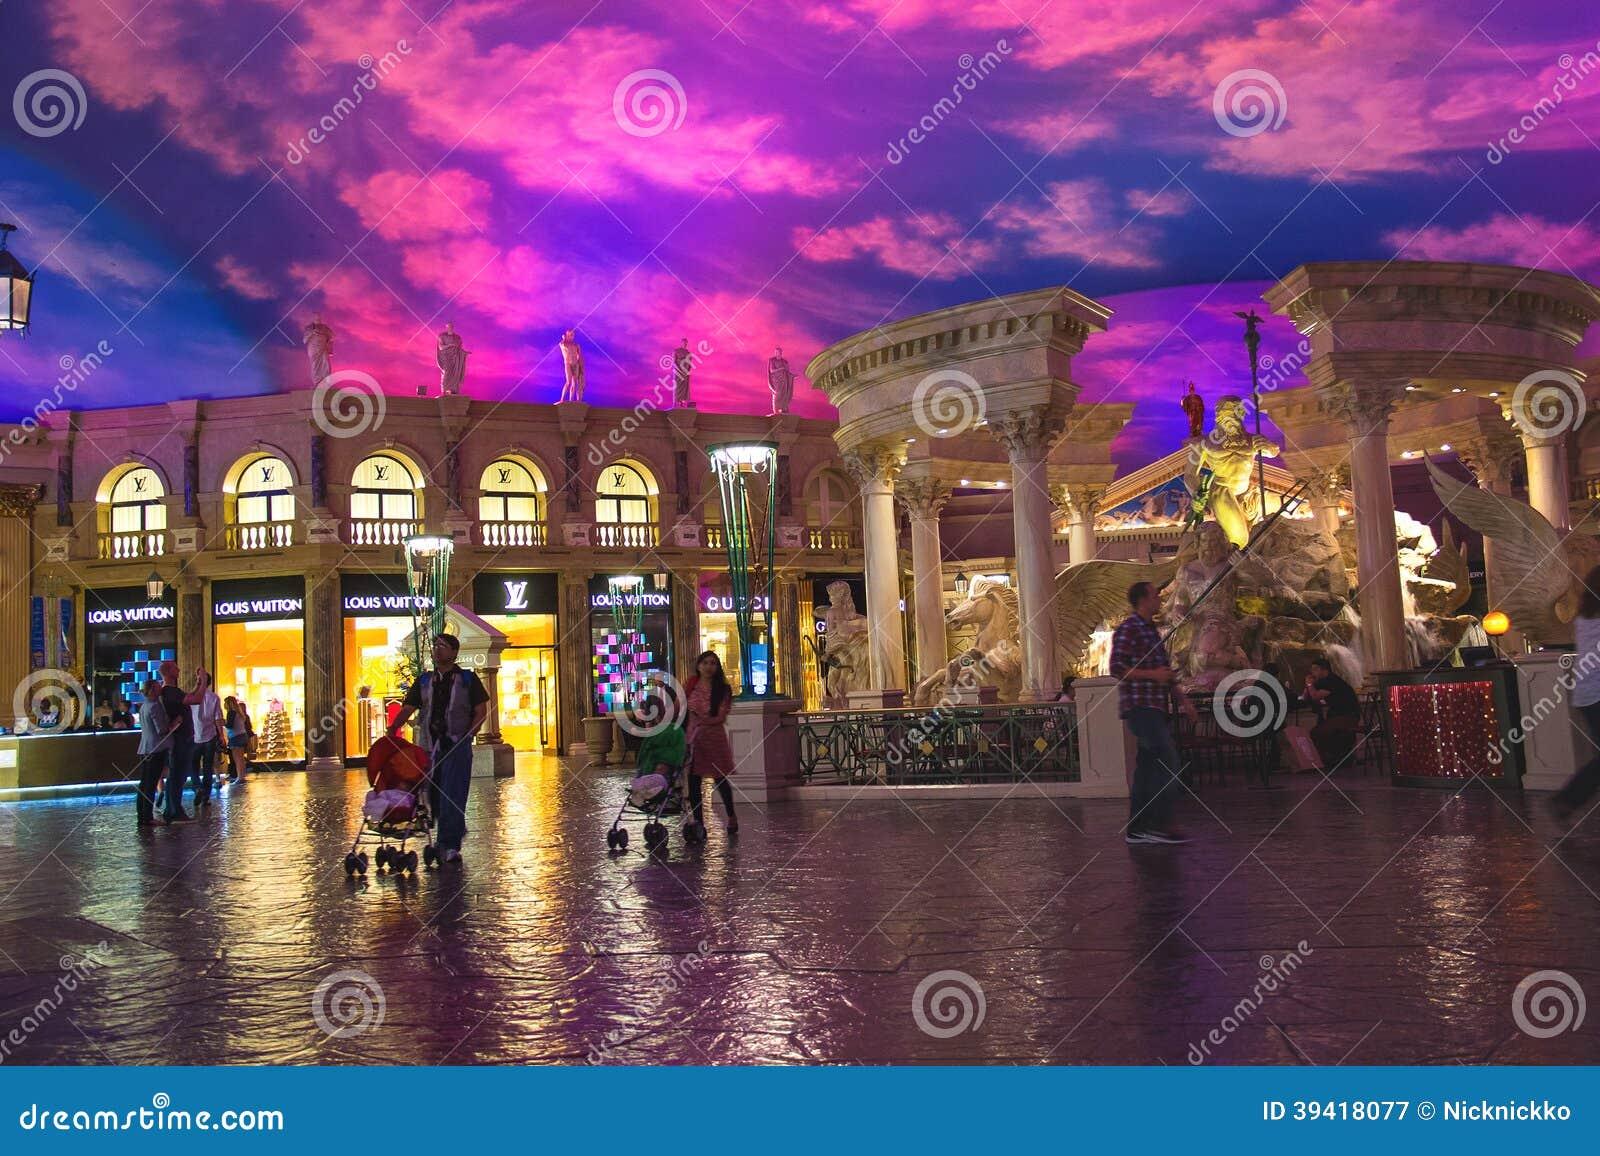 Hotel  Palace Casino Resort  Biloxi MS  Smoke Free Casino